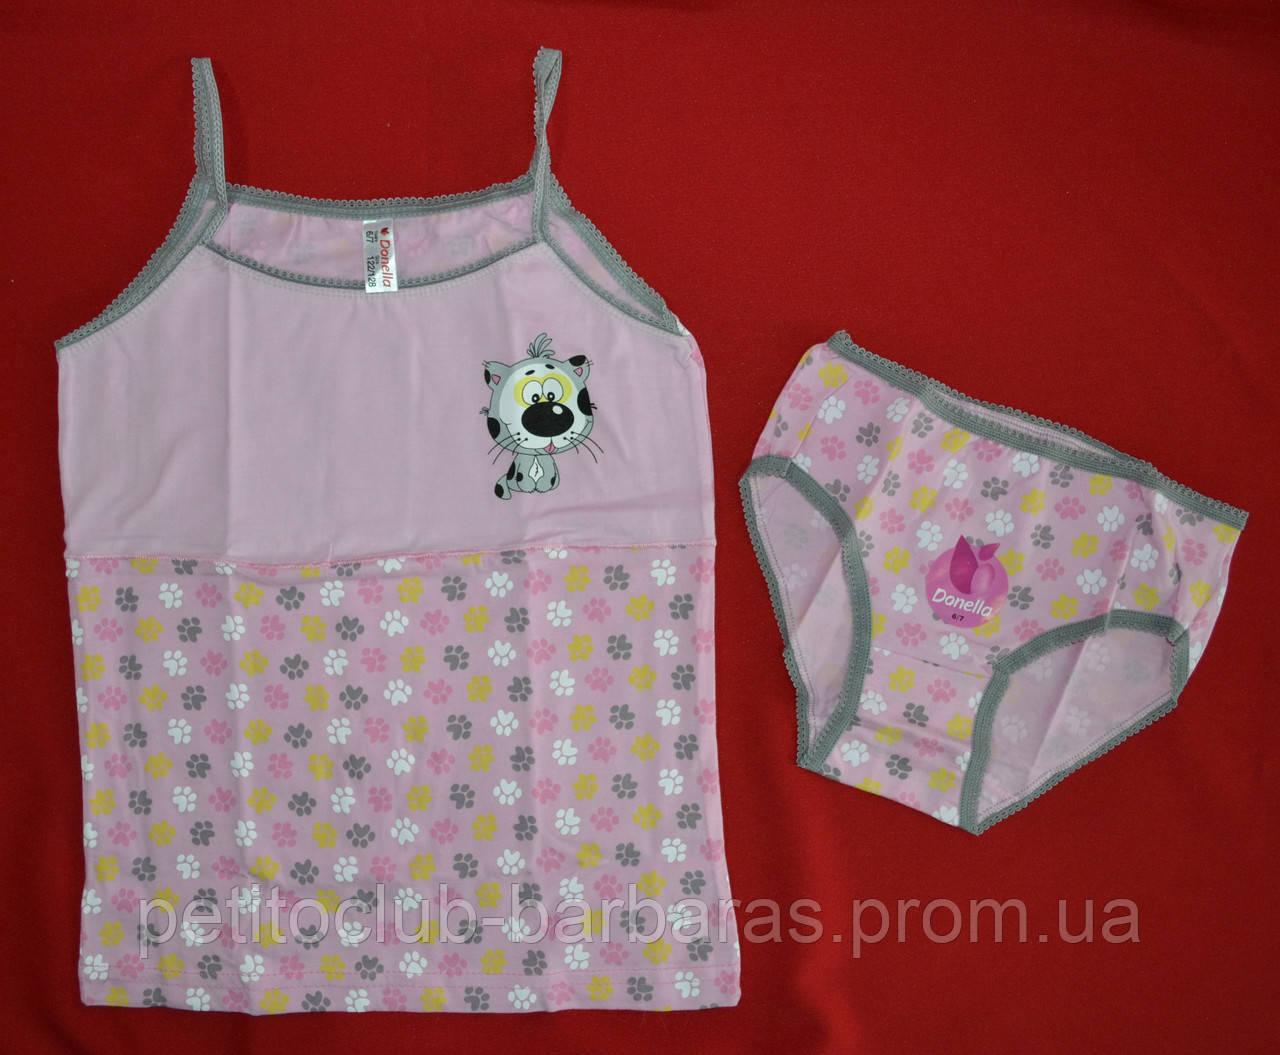 Комплект нижнего белья для девочки Котенок роз (Donella, Турция)